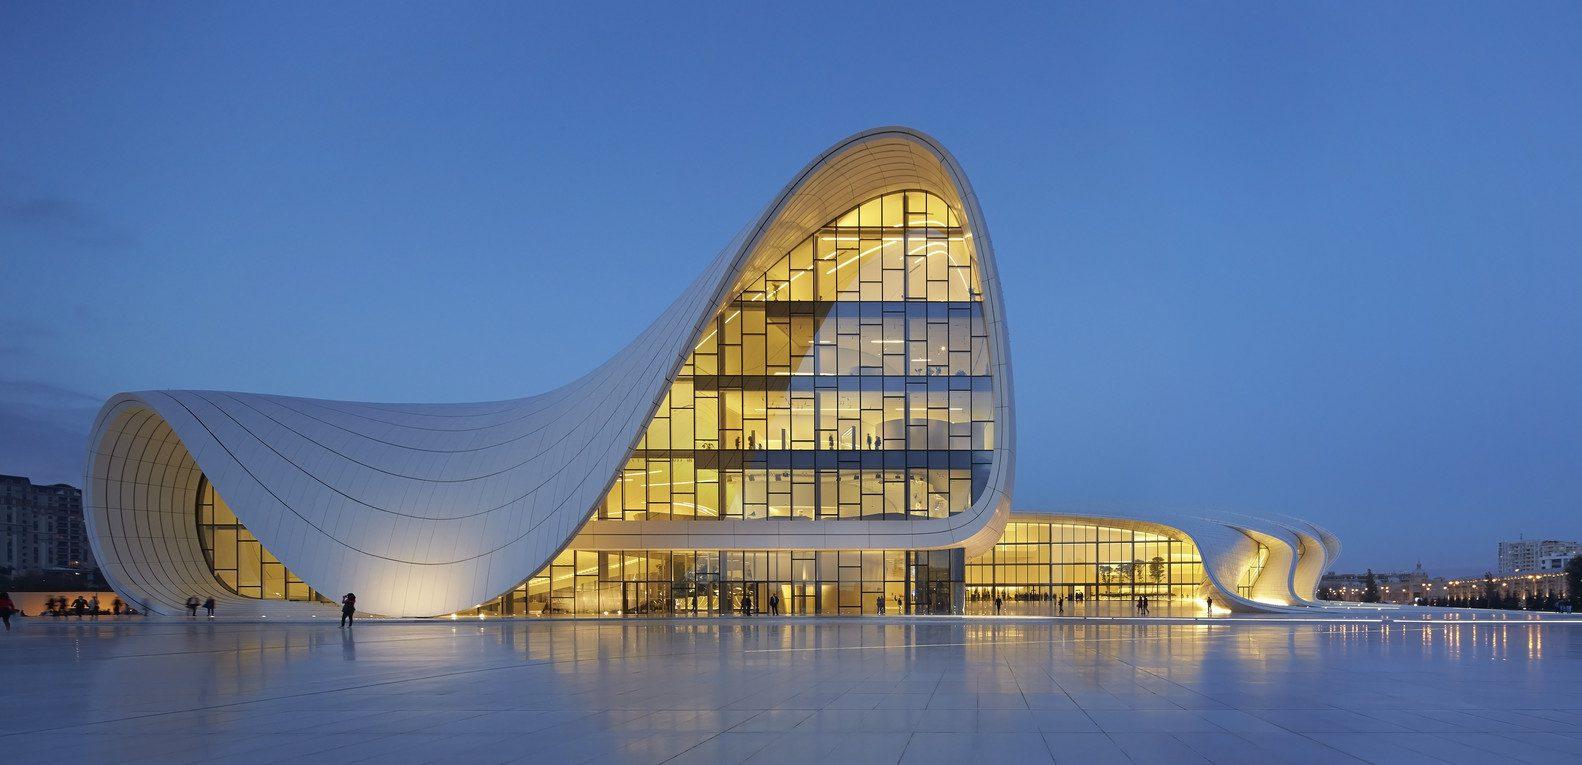 obras arquitectónicas más impresionantes